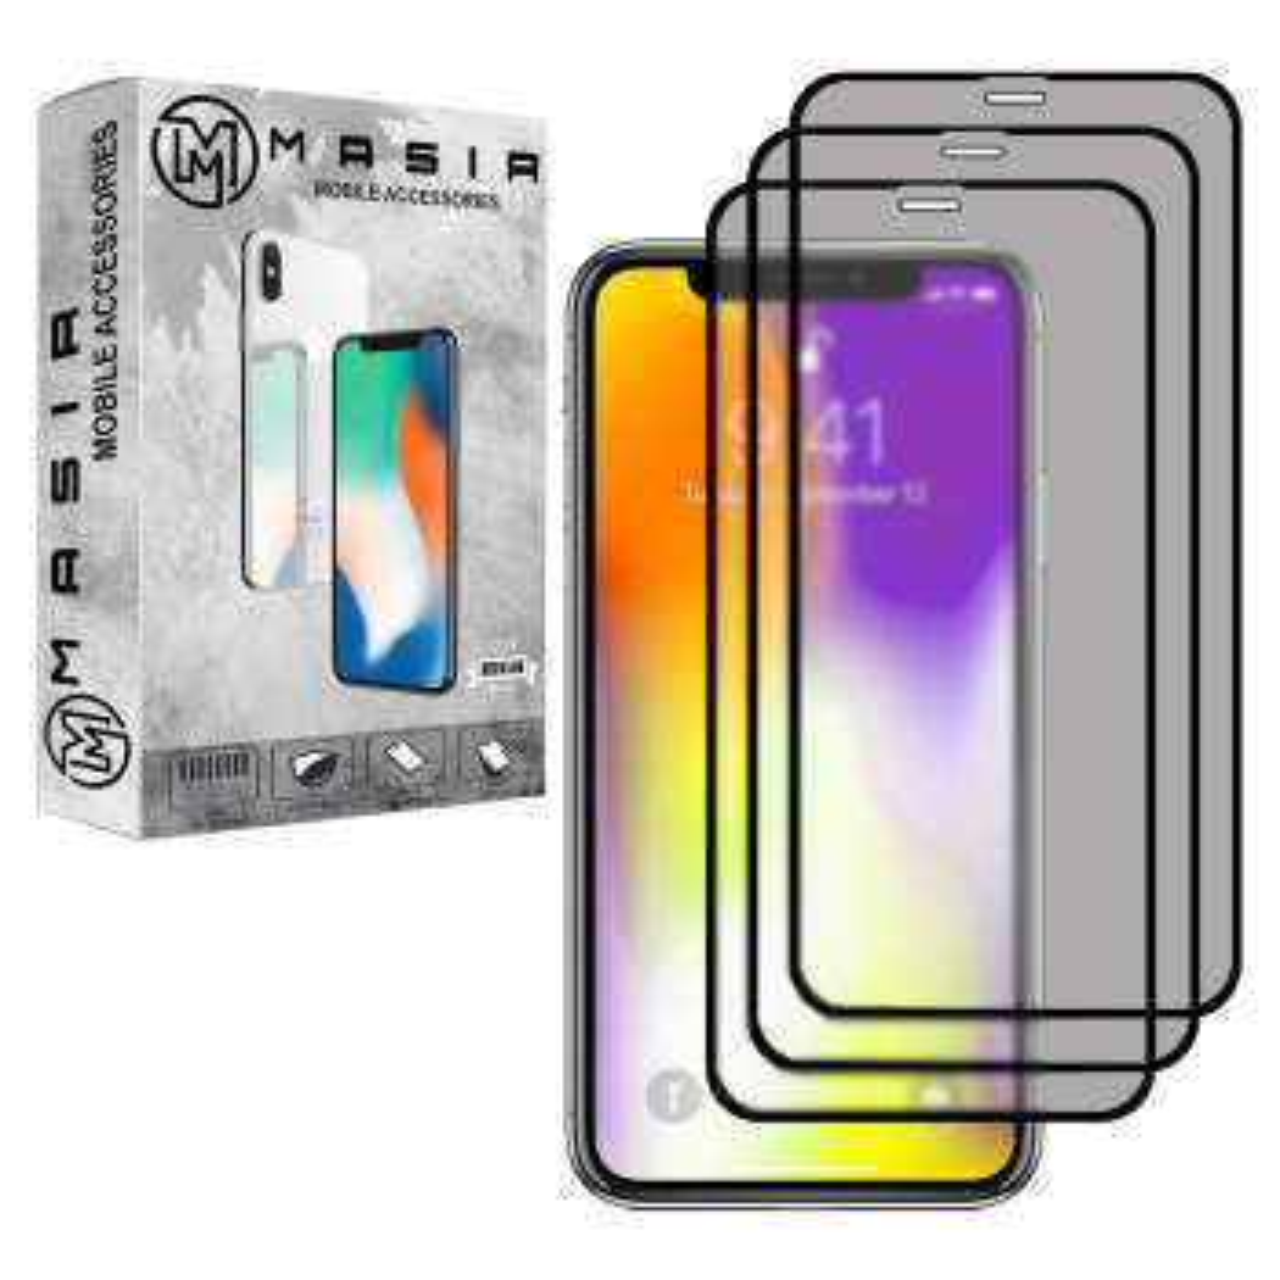 محافظ صفحه نمایش حریم شخصی مسیر مدل MGFPV-3 مناسب برای گوشی موبایل اپل iPhone 11 Pro Max  بسته سه عددی